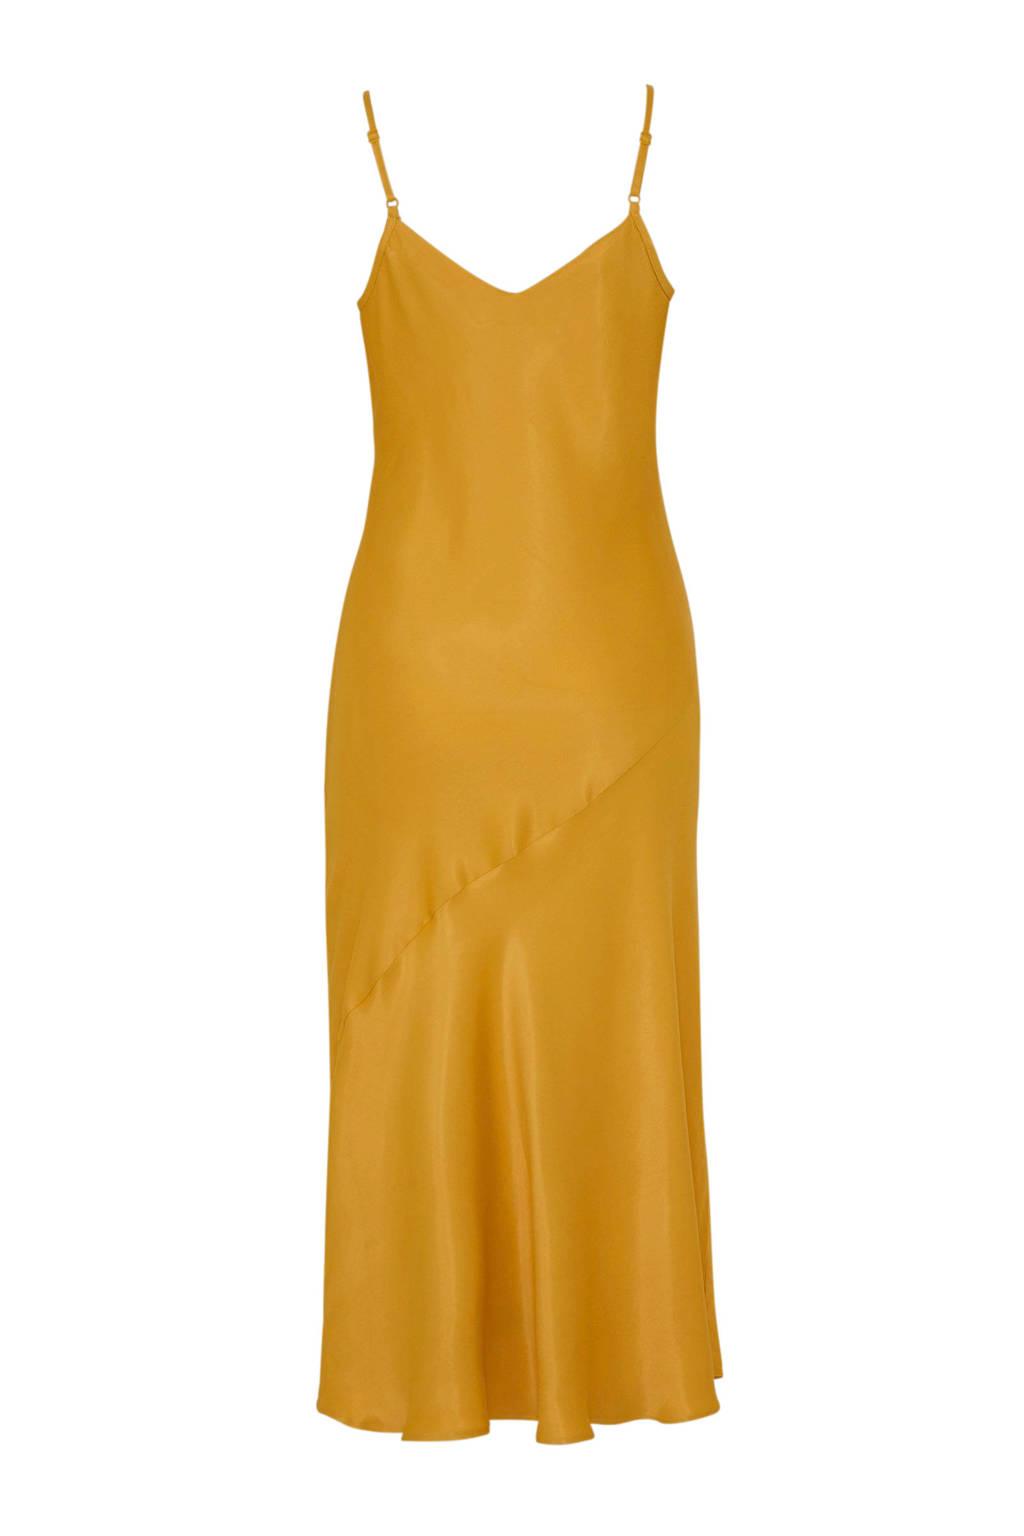 C&A Yessica satijnen jurk geel, Geel